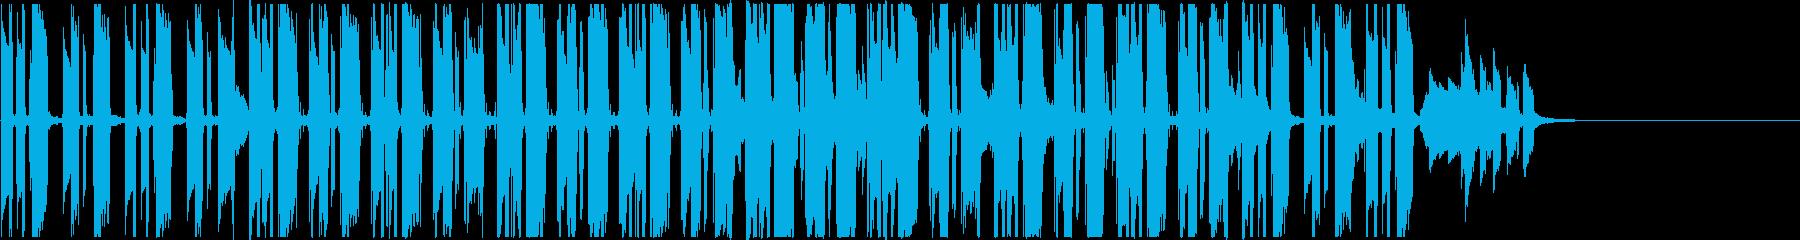 夏らしいハワイアンなボサノバギターの再生済みの波形